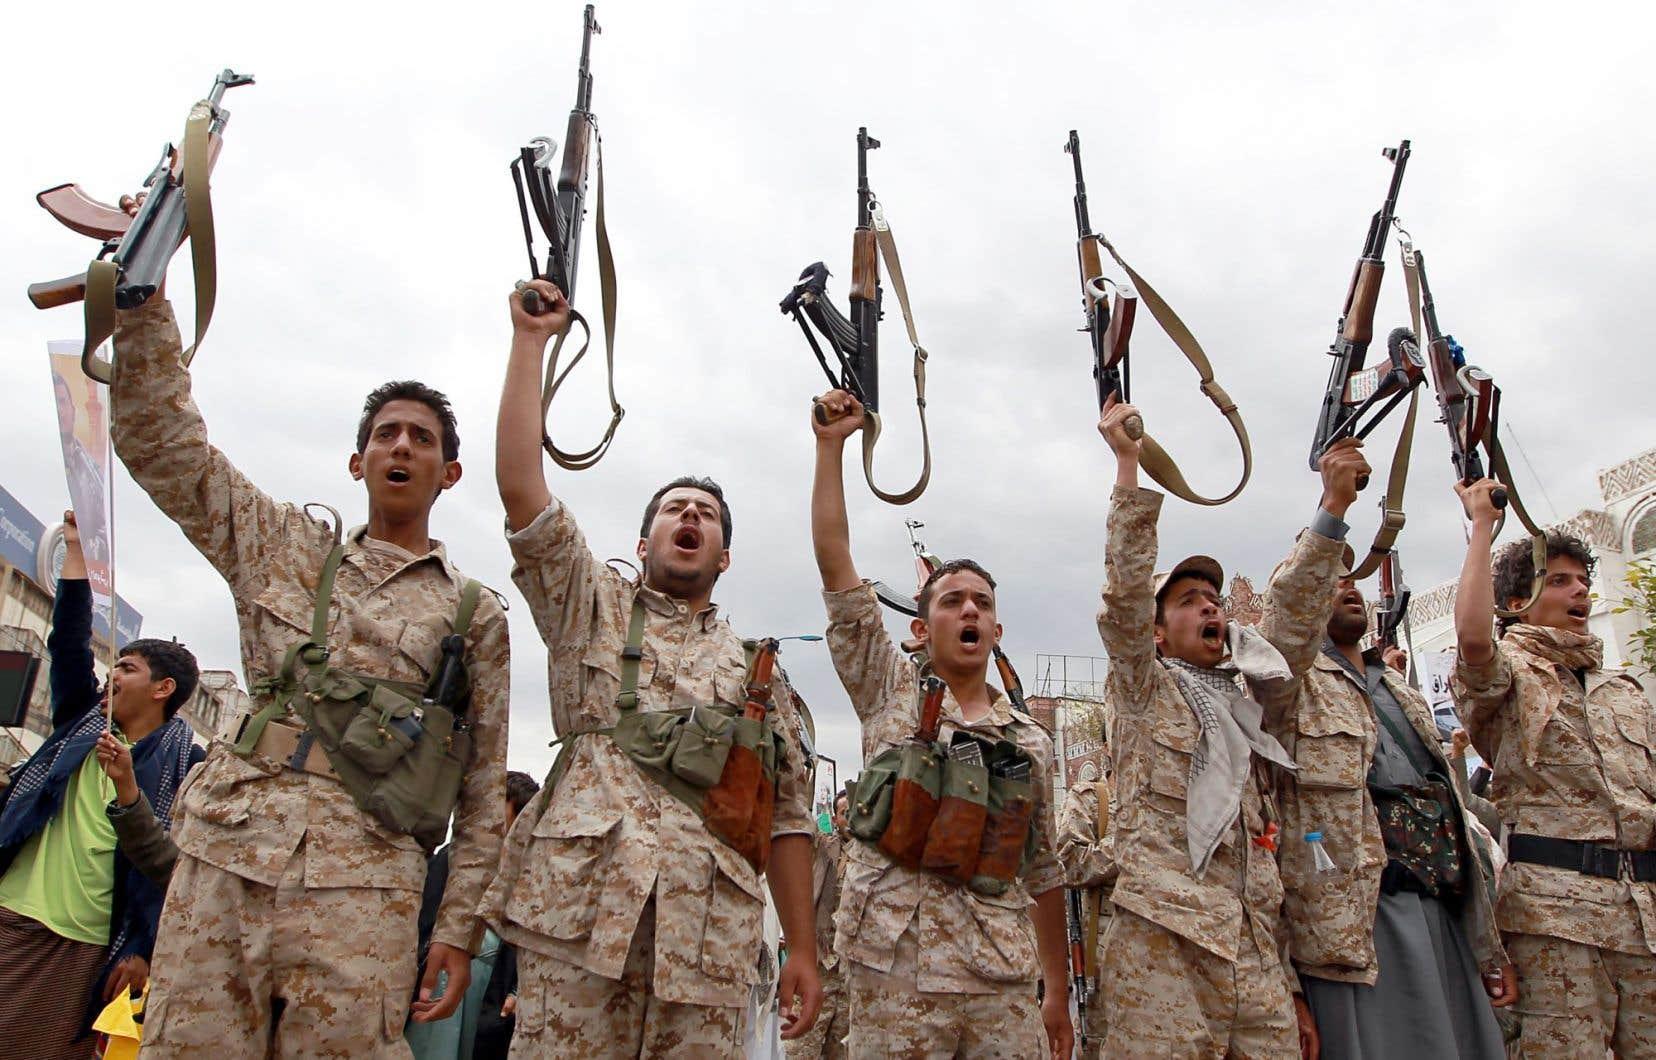 Des Yéménites près des Houthis brandissaient leurs armes jeudi à Sanaa.